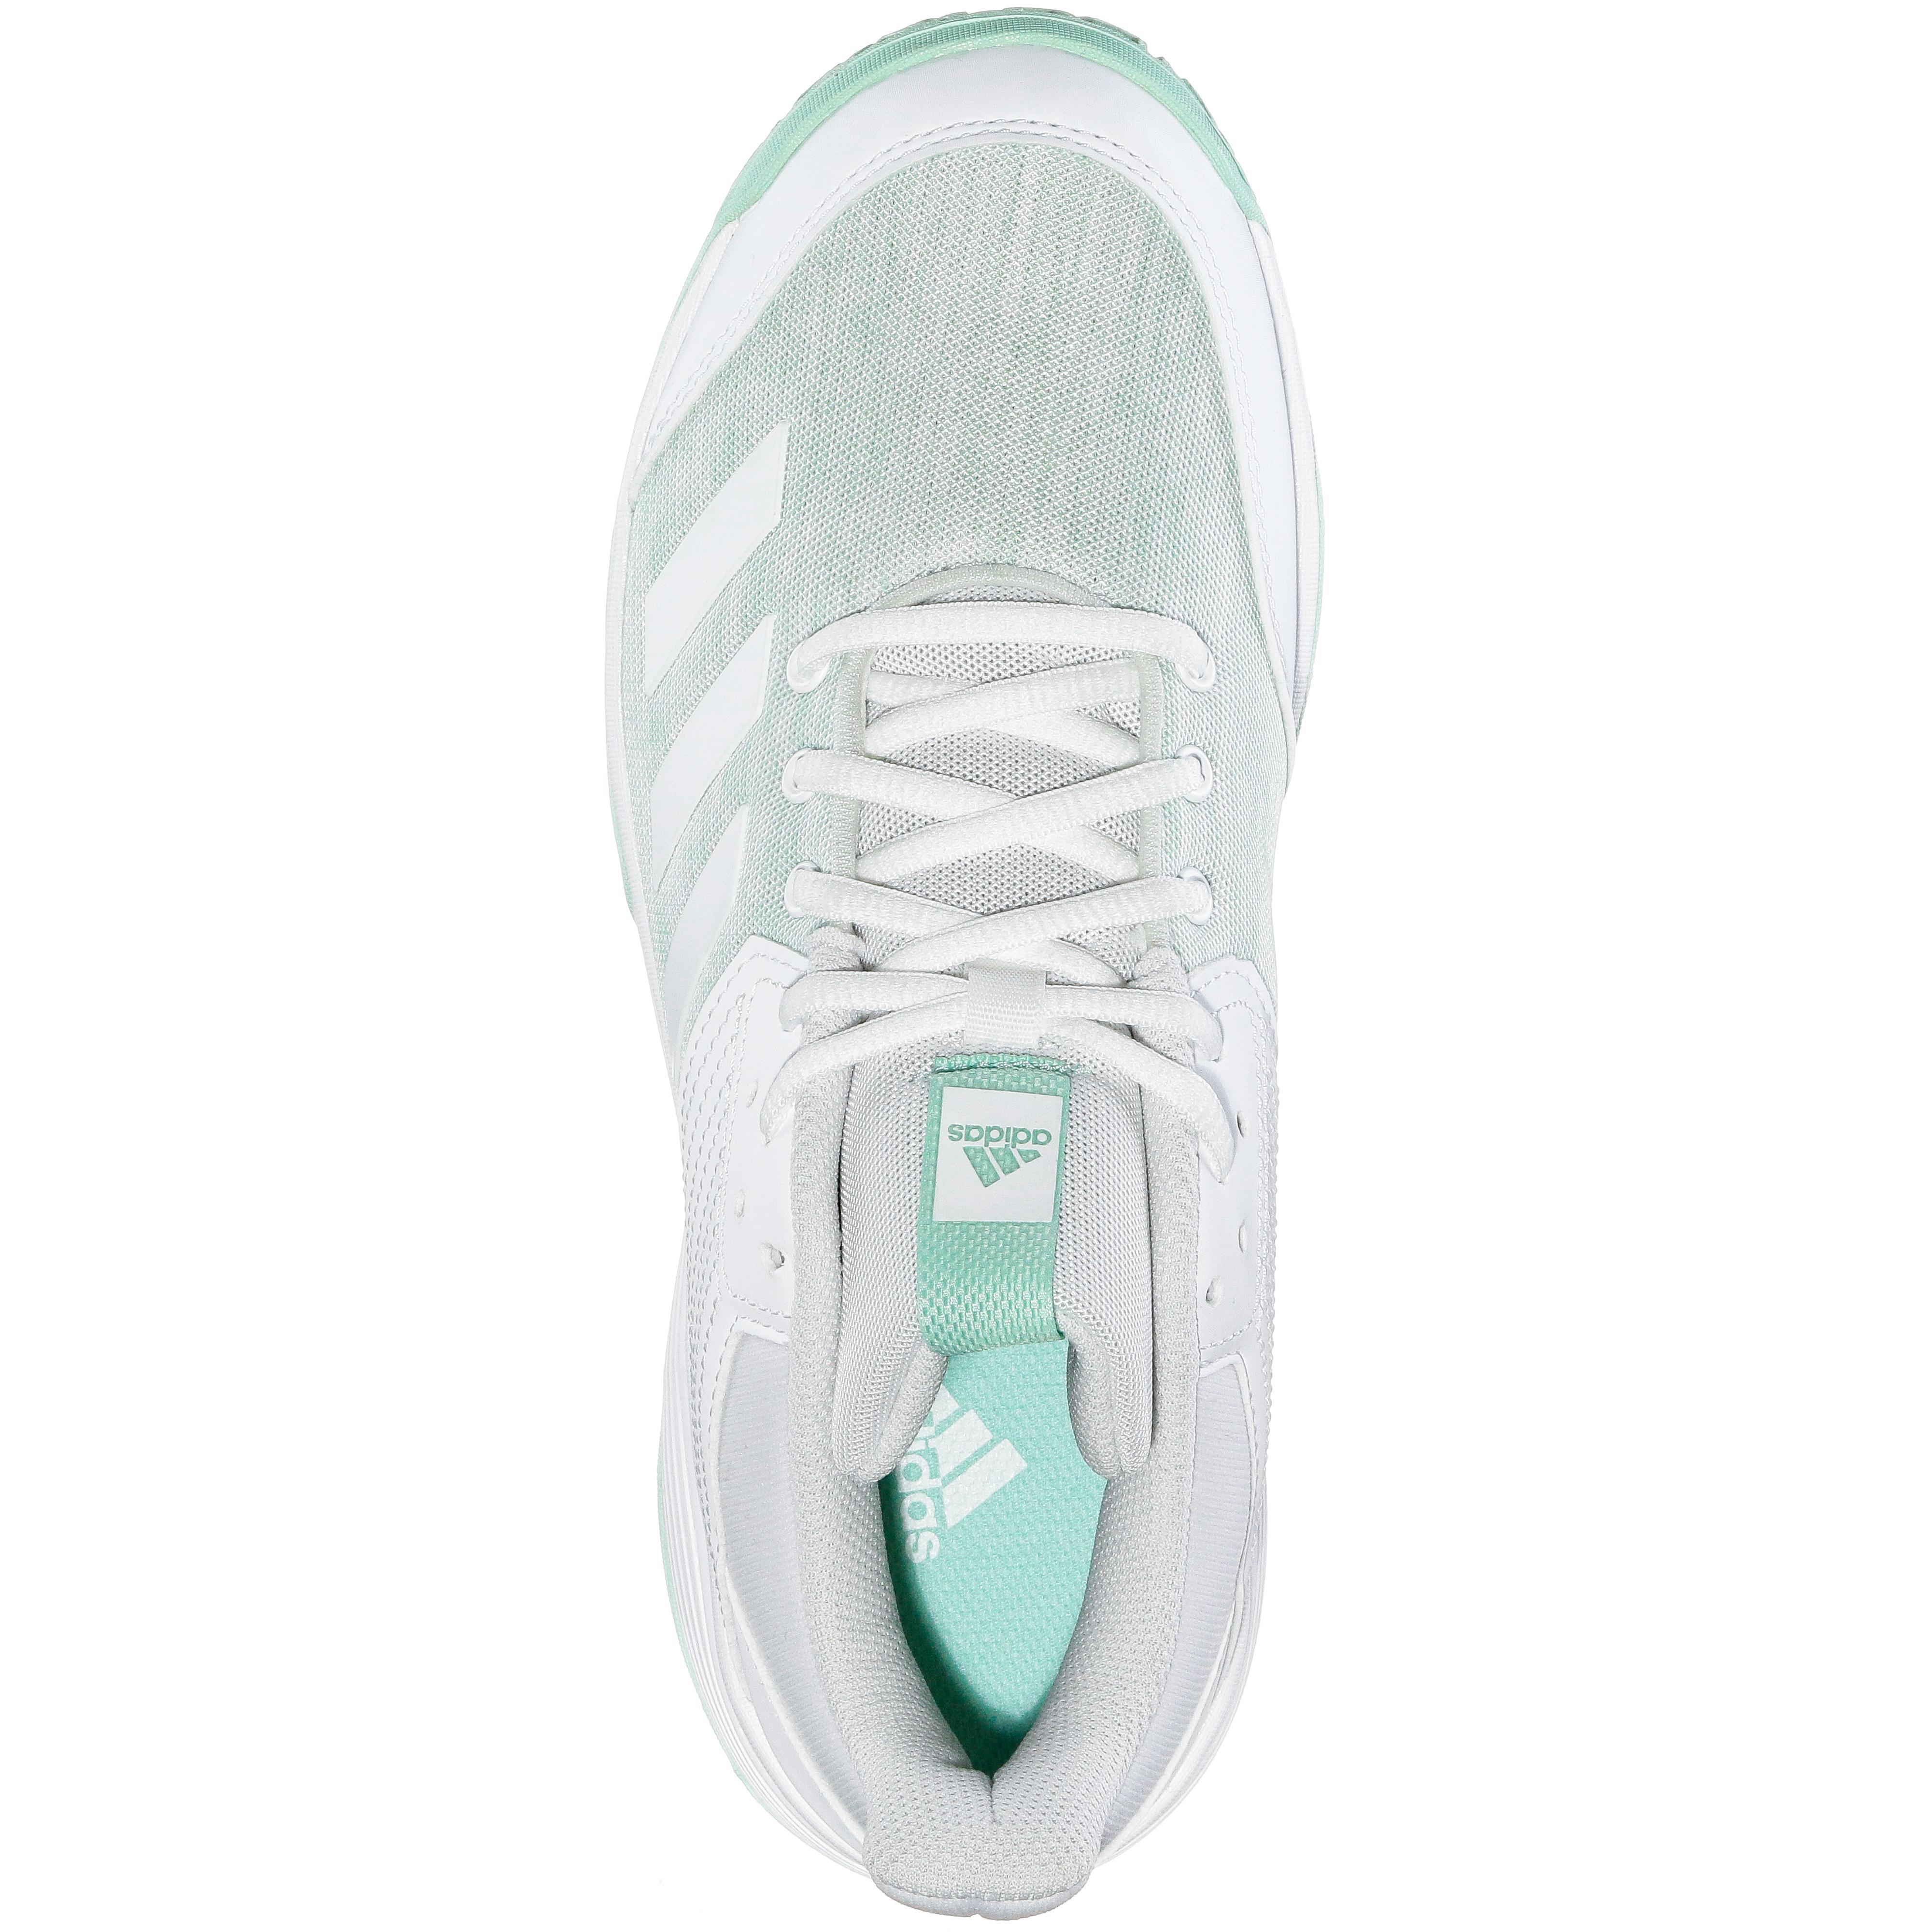 Adidas Ligra Fitnessschuhe Damen ftwr Weiß im im im Online Shop von SportScheck kaufen Gute Qualität beliebte Schuhe abbac3